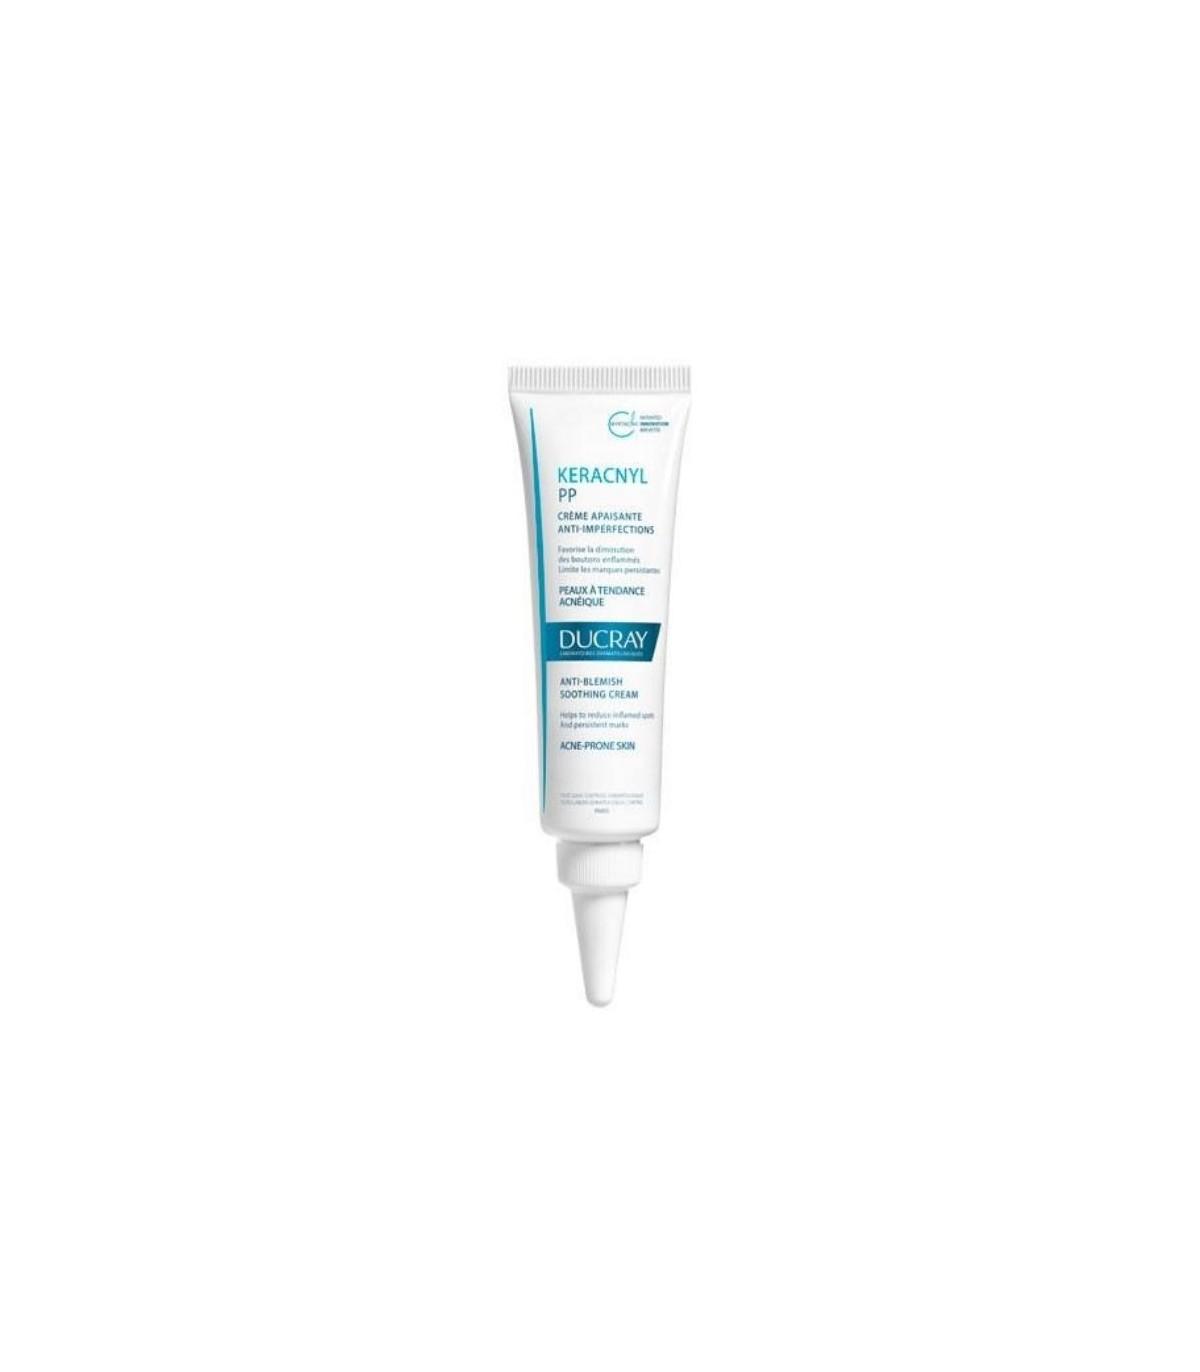 Farmacia Baricentro|DUCRAY KERACNYL PP CREMA 30ML